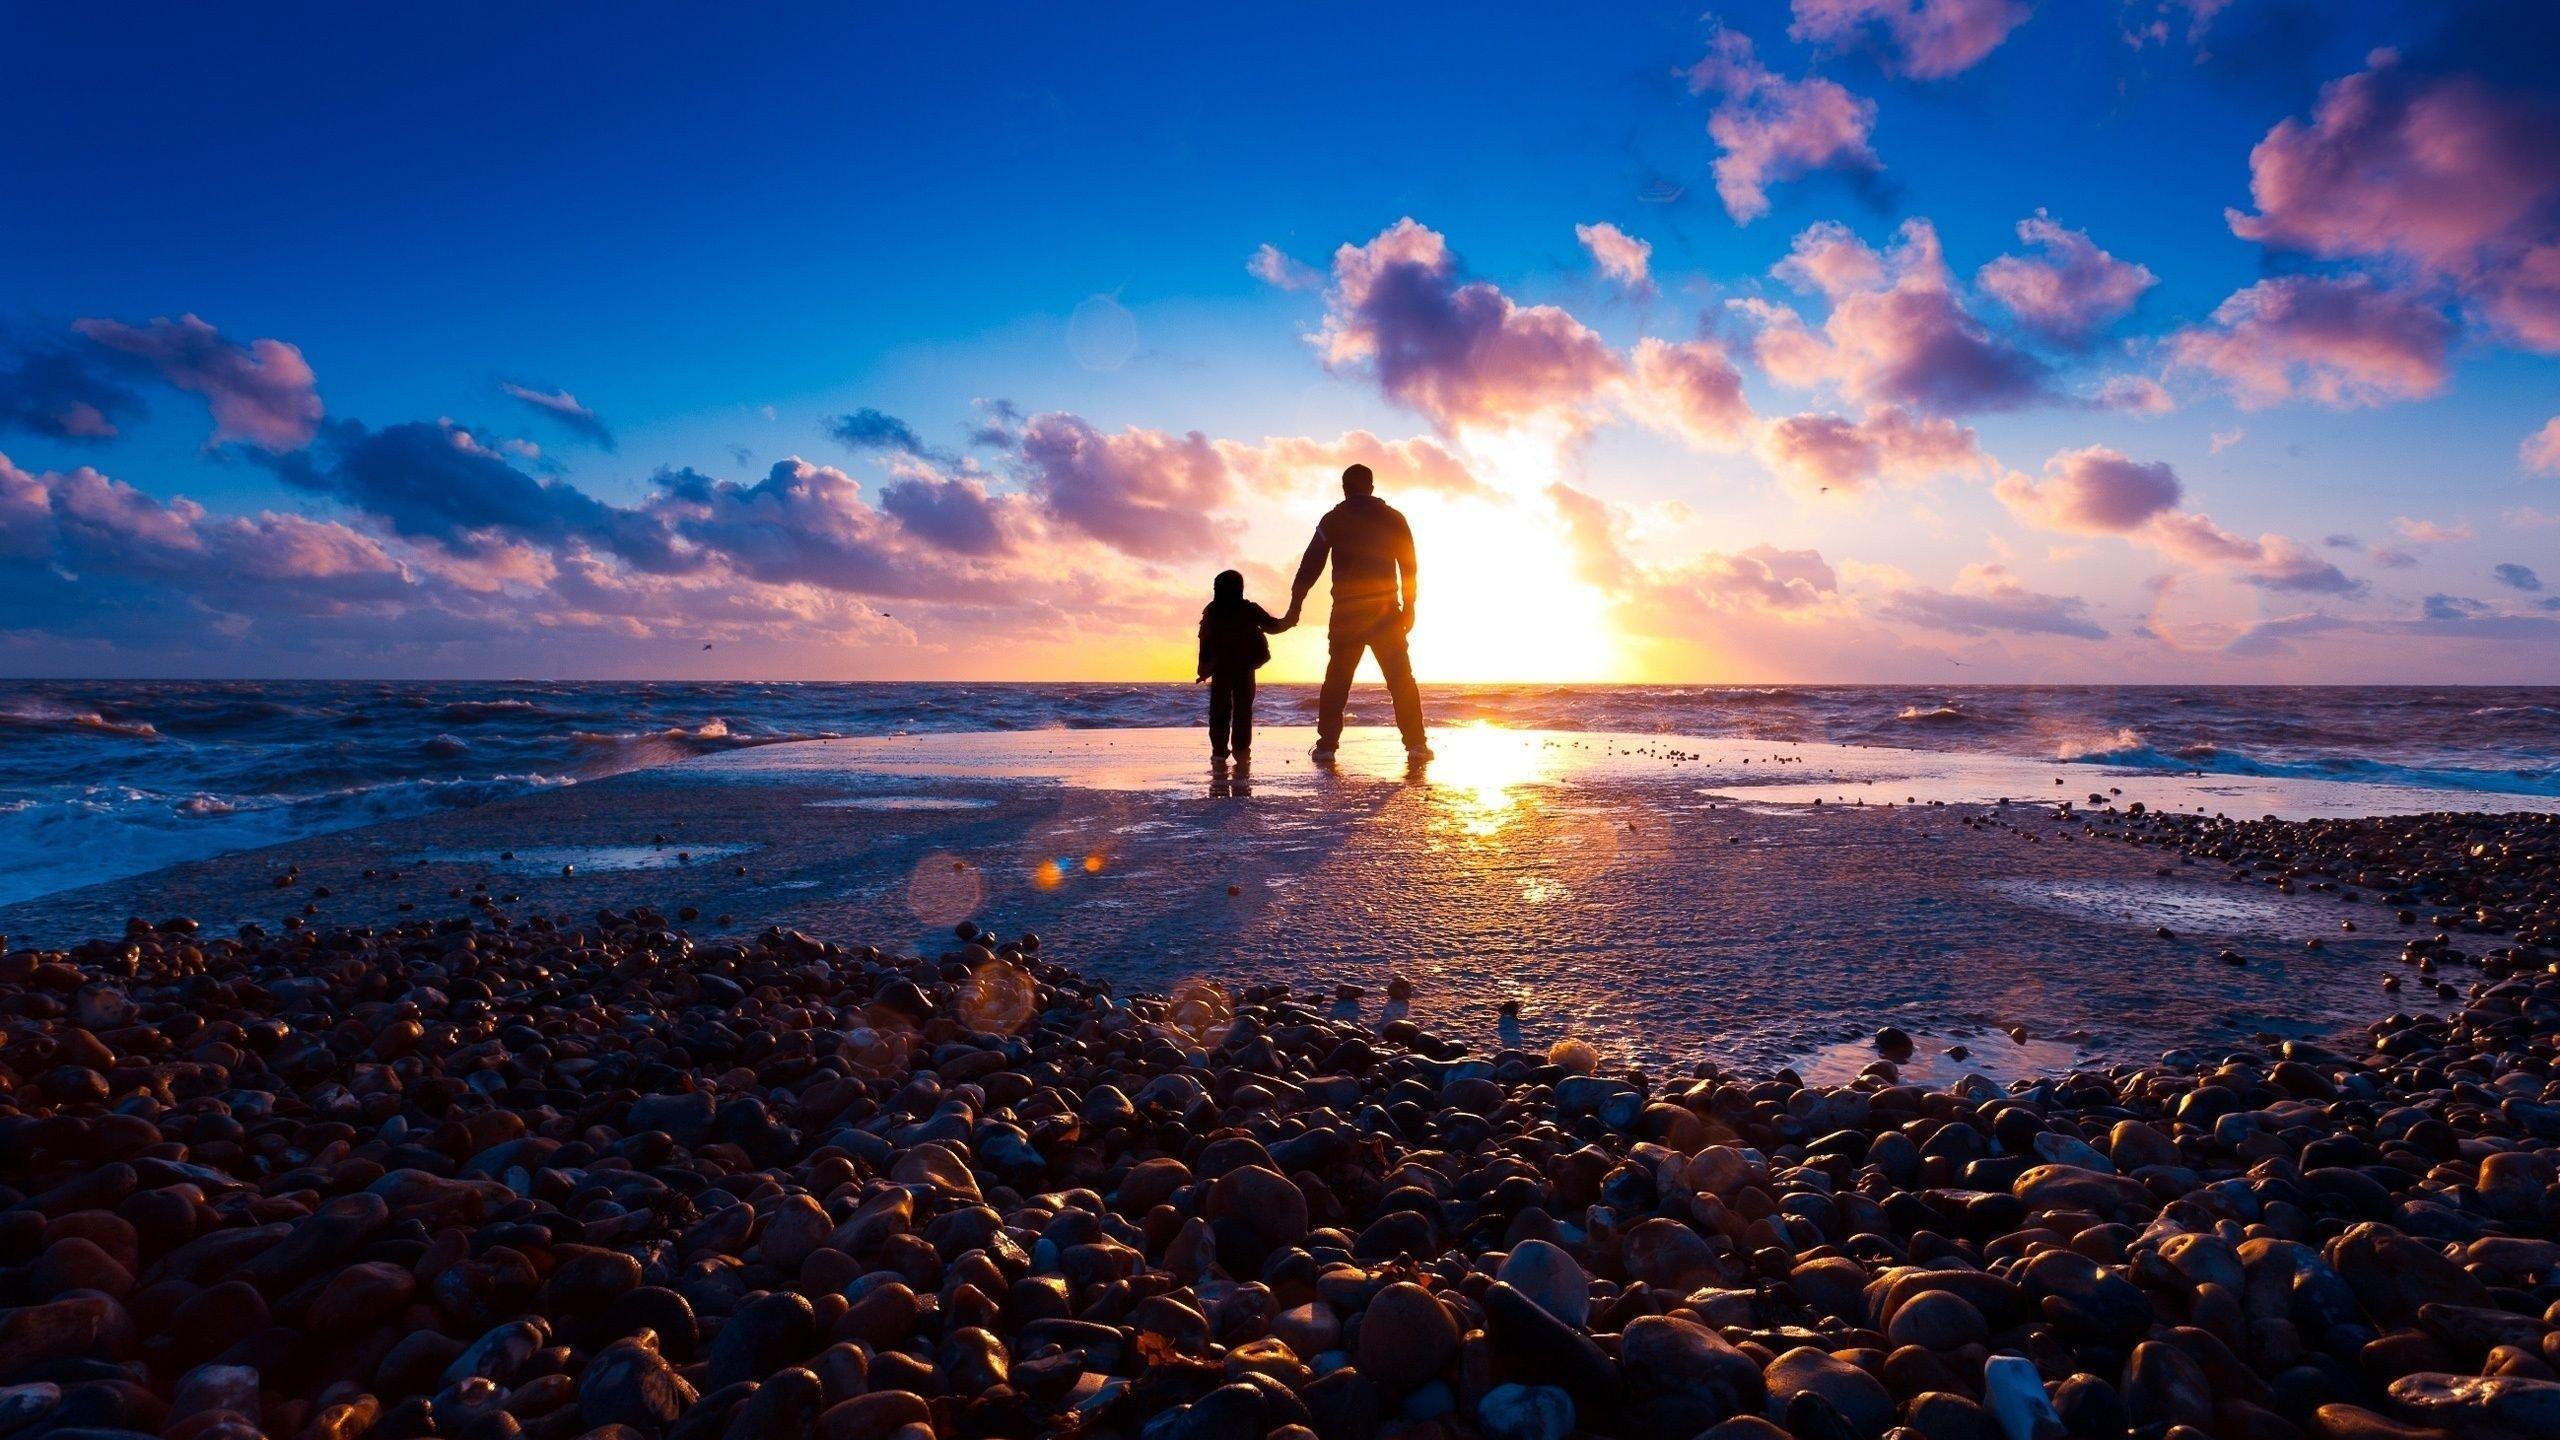 a evening sea beach hd wallpaper